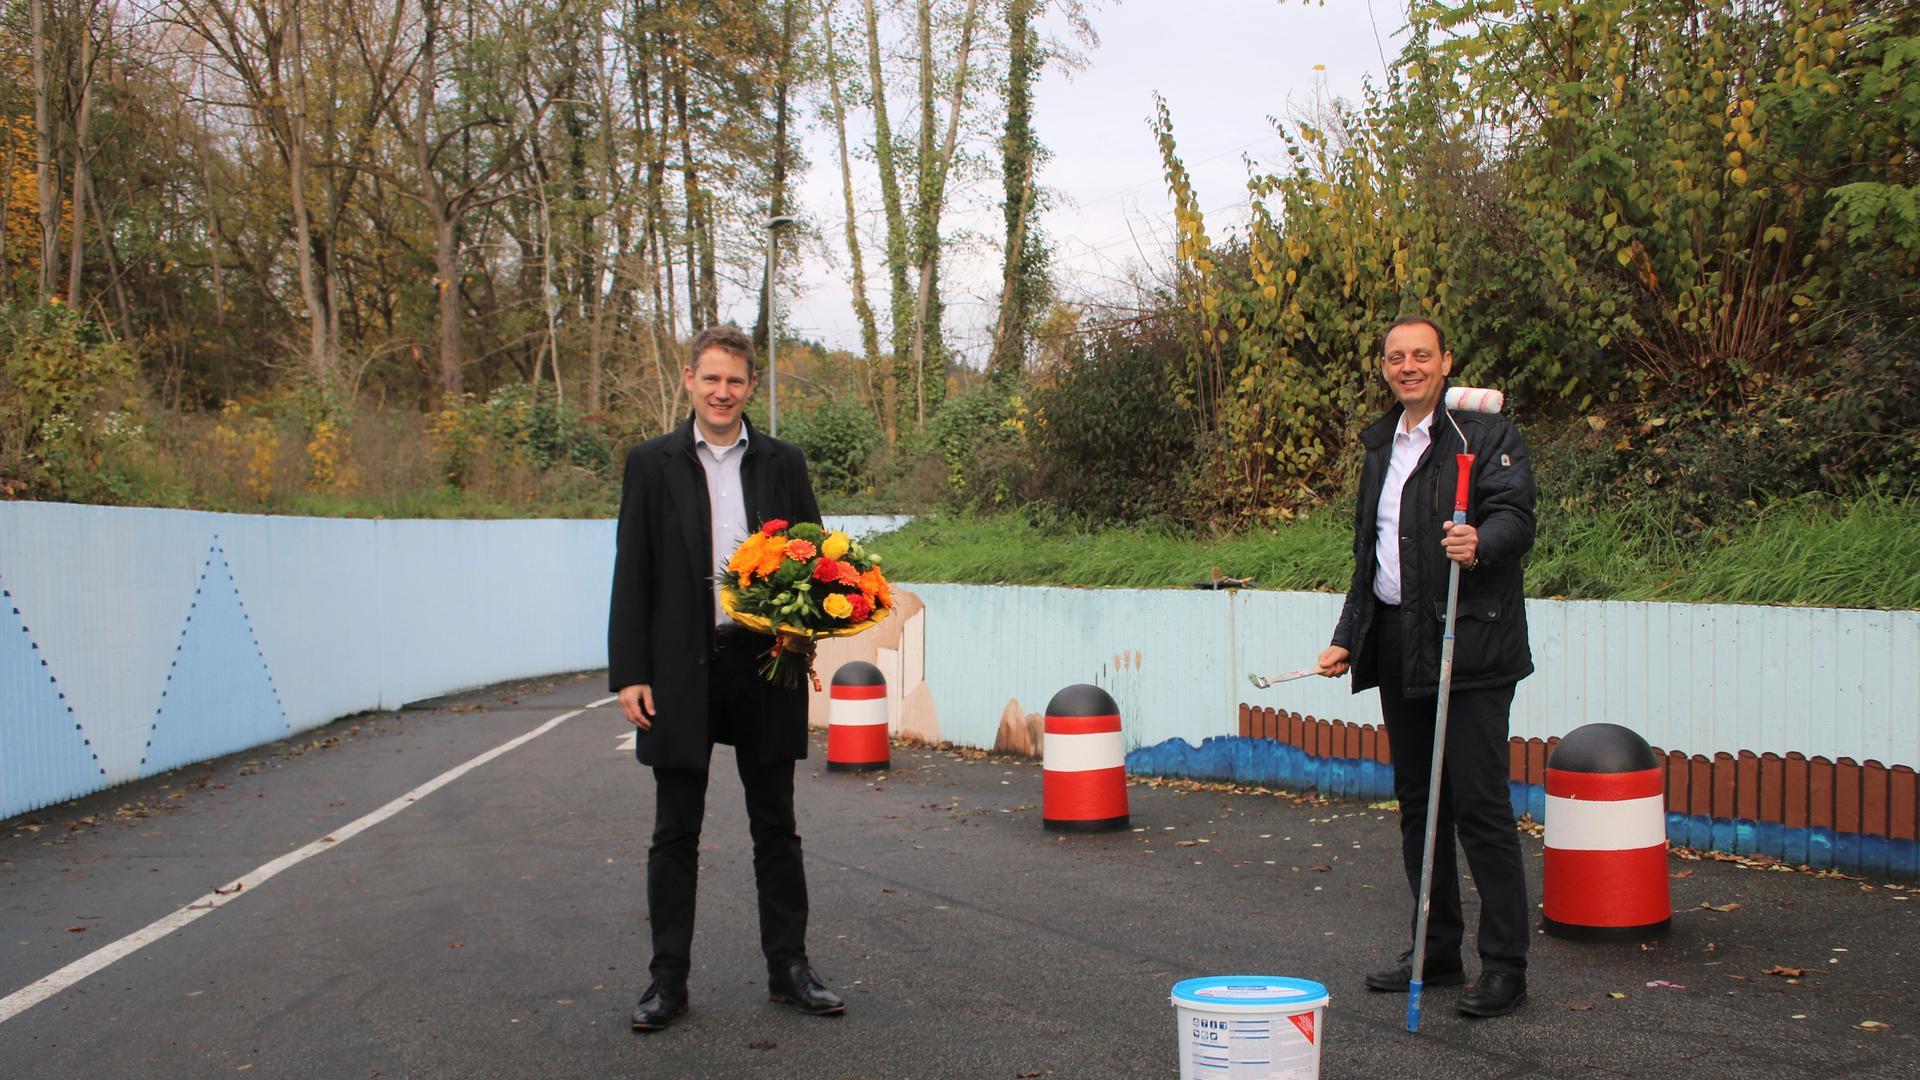 Einen neuen Anstrich verliehen hat der Remchinger Ulrich Haag (rechts) der Unterführung zwischen Kulturhalle und Singen. Für diesen und viele weitere Einsätze in der Gemeinde bedankte sich Bürgermeister Luca Wilhelm Prayon.